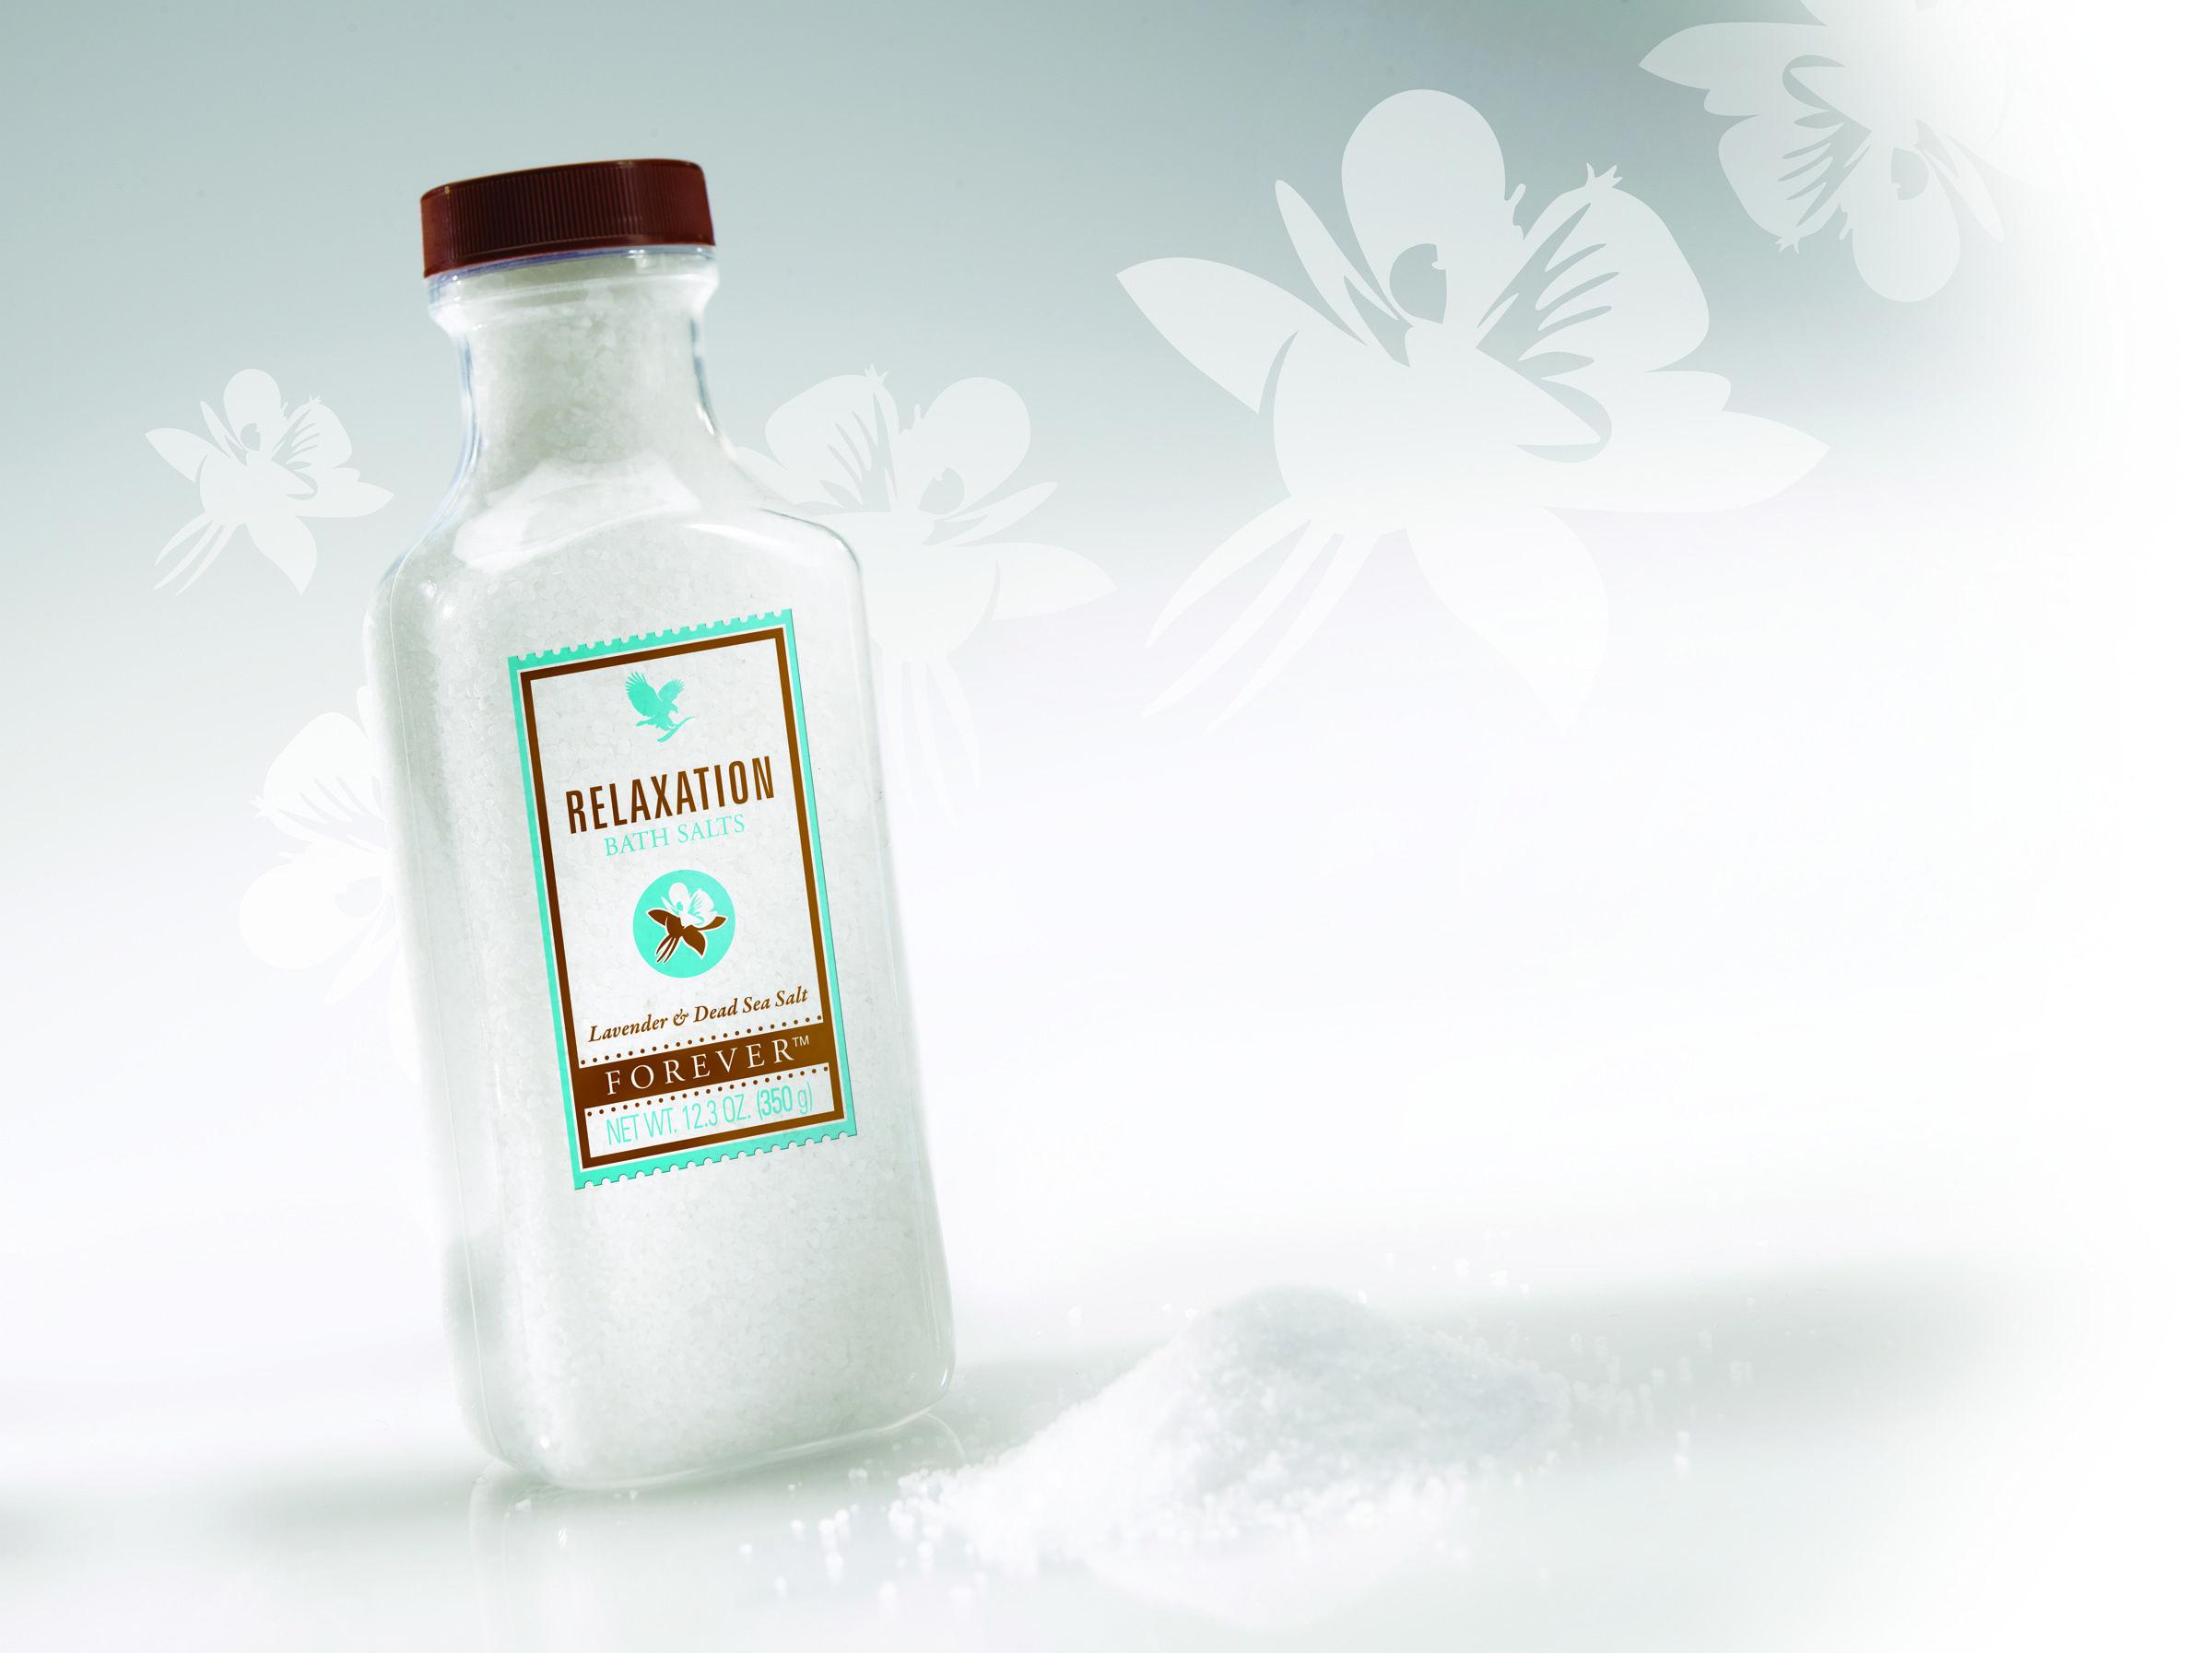 <3 Relaxtion Bath Salts - Med havsalt og essensielle oljer (lavendelolje, bergamottolje og sedertreolje).  - To spiseskjeer er nok. - Inngår i Aroma Spa Collection.